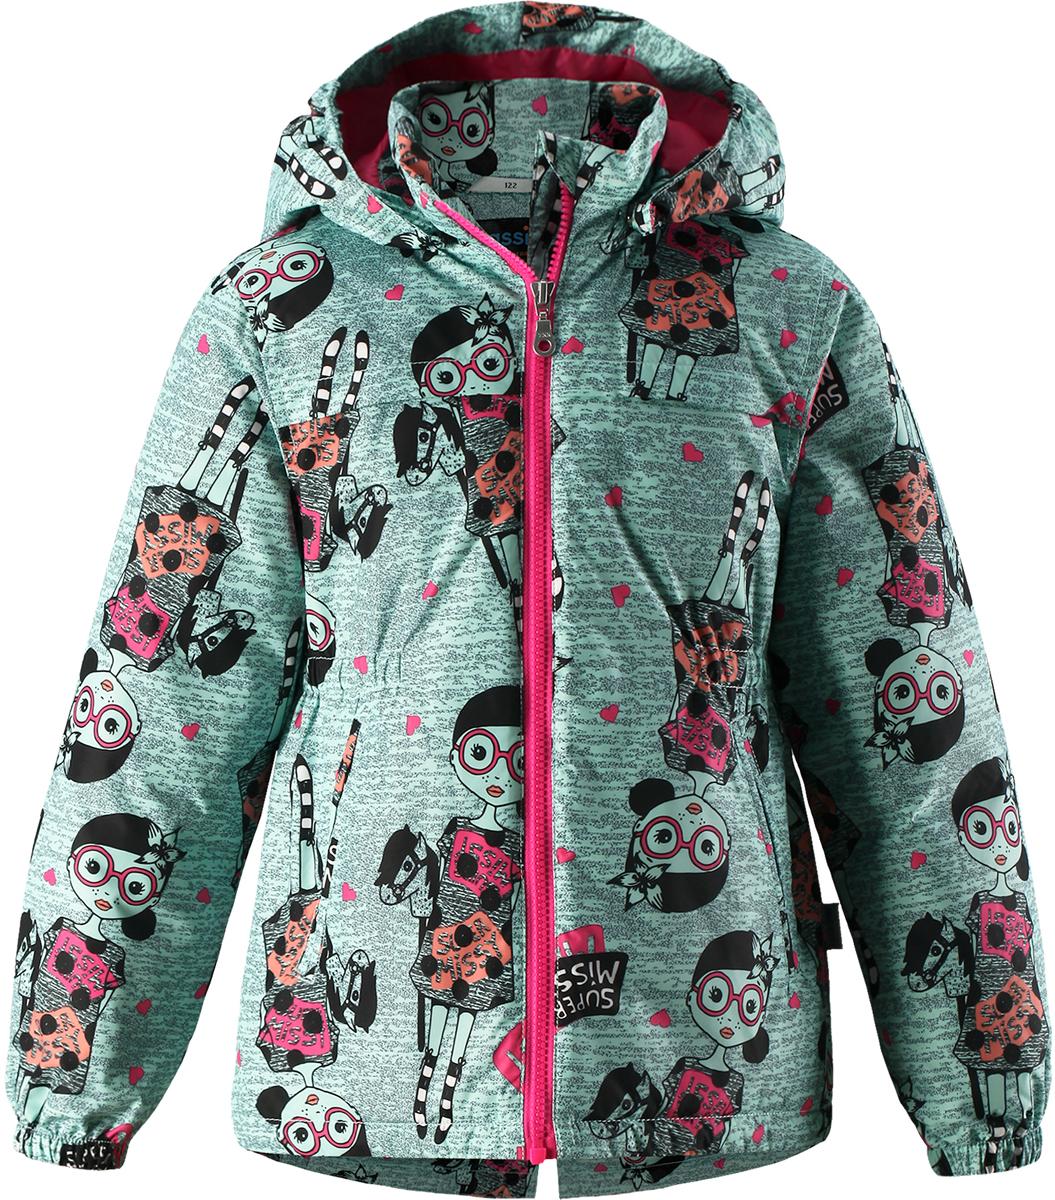 Куртка для девочки Lassie, цвет: зеленый. 721724R8731. Размер 98721724R8731Детская куртка Lassie идеально подойдет для ребенка в холодное время года. Куртка изготовлена из водоотталкивающей и ветрозащитной ткани. Материал отличается высокой устойчивостью к трению, благодаря специальной обработке полиуретаном поверхность изделия отталкивает грязь и воду, что облегчает поддержание аккуратного вида одежды, дышащее покрытие с изнаночной части не раздражает даже самую нежную и чувствительную кожу ребенка, обеспечивая ему наибольший комфорт. Куртка застегивается на пластиковую застежку-молнию с защитой подбородка, благодаря чему ее легко надевать и снимать. Края рукавов дополнены неширокими эластичными манжетами. Спереди куртка дополнена двумя прорезными кармашками. Также модель дополнена светоотражающими элементами для безопасности в темное время суток. Все швы проклеены, не пропускают влагу и ветер.